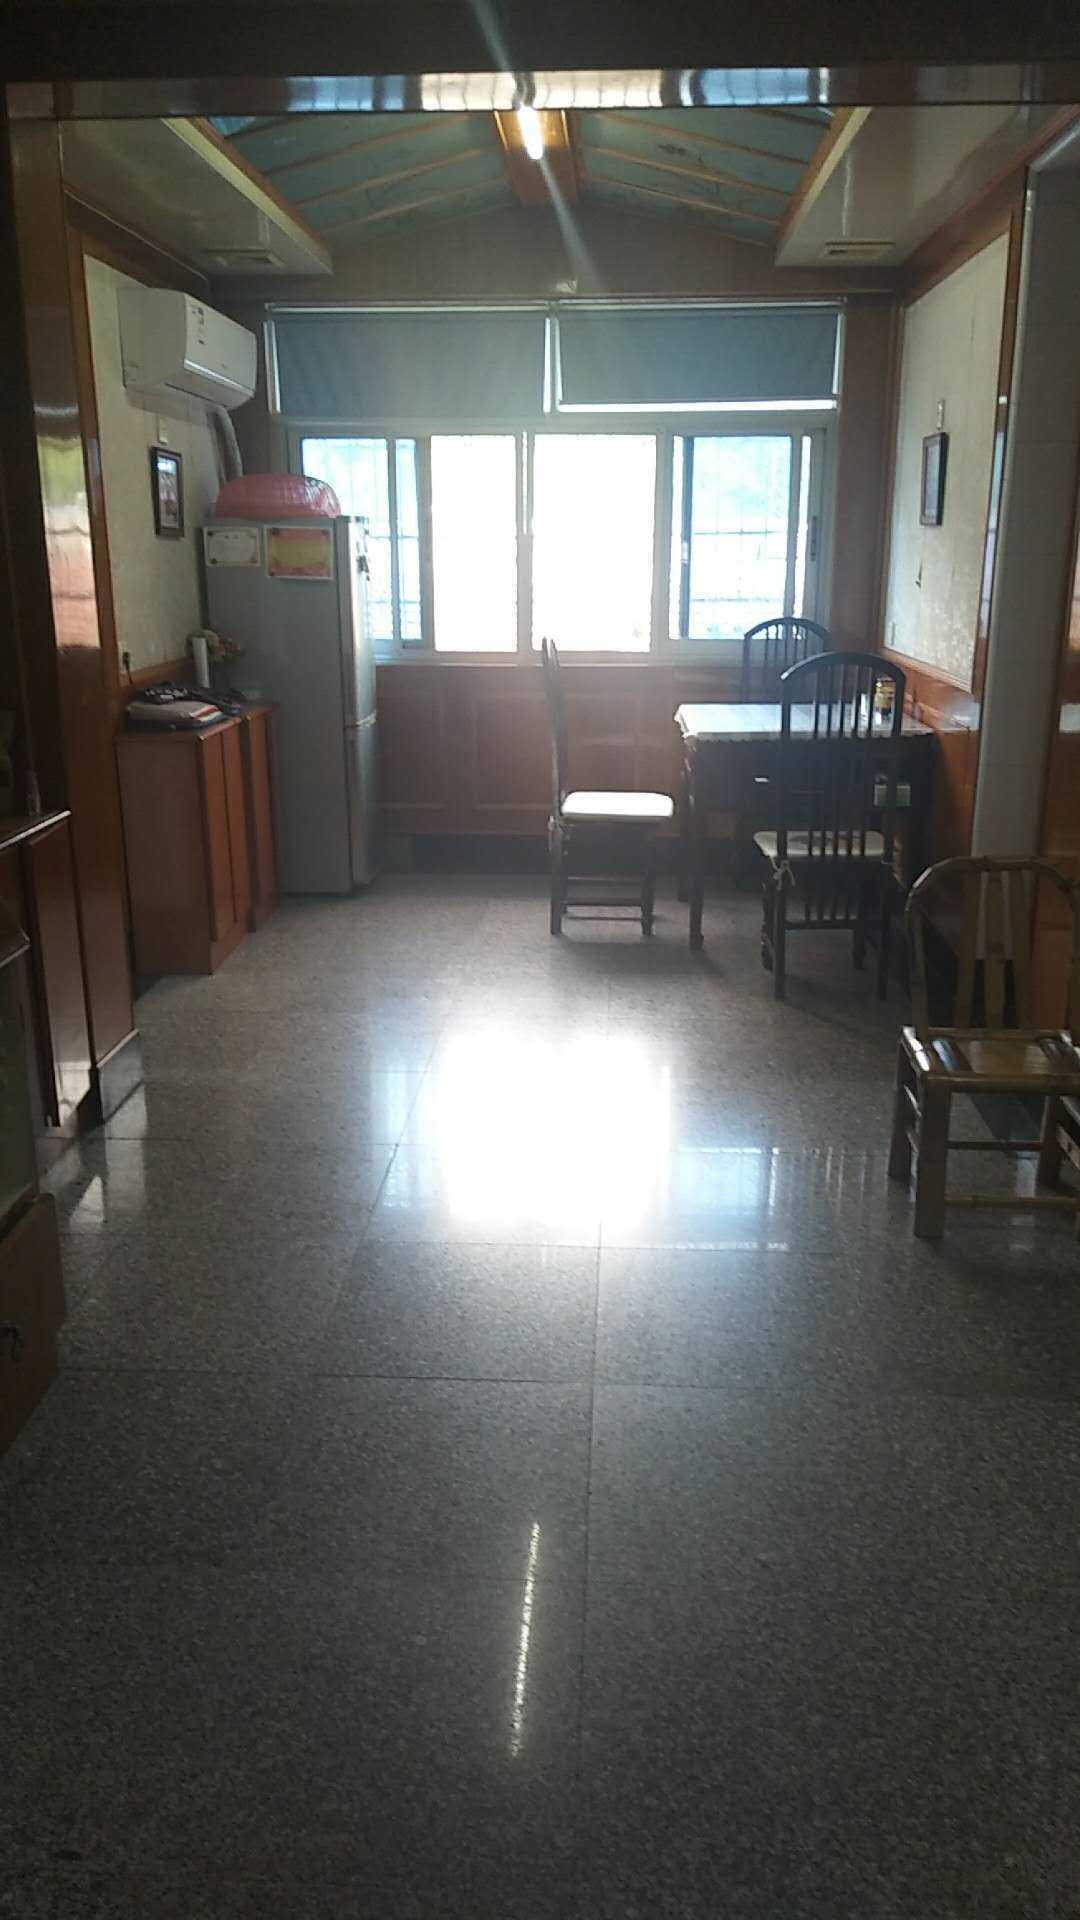 【暂时不卖】 06121出售城北月照里5楼不是顶楼,95平,3室2厅1厨1卫,客厅餐厅分开很宽敞,车棚20平方可以住人的实拍照片